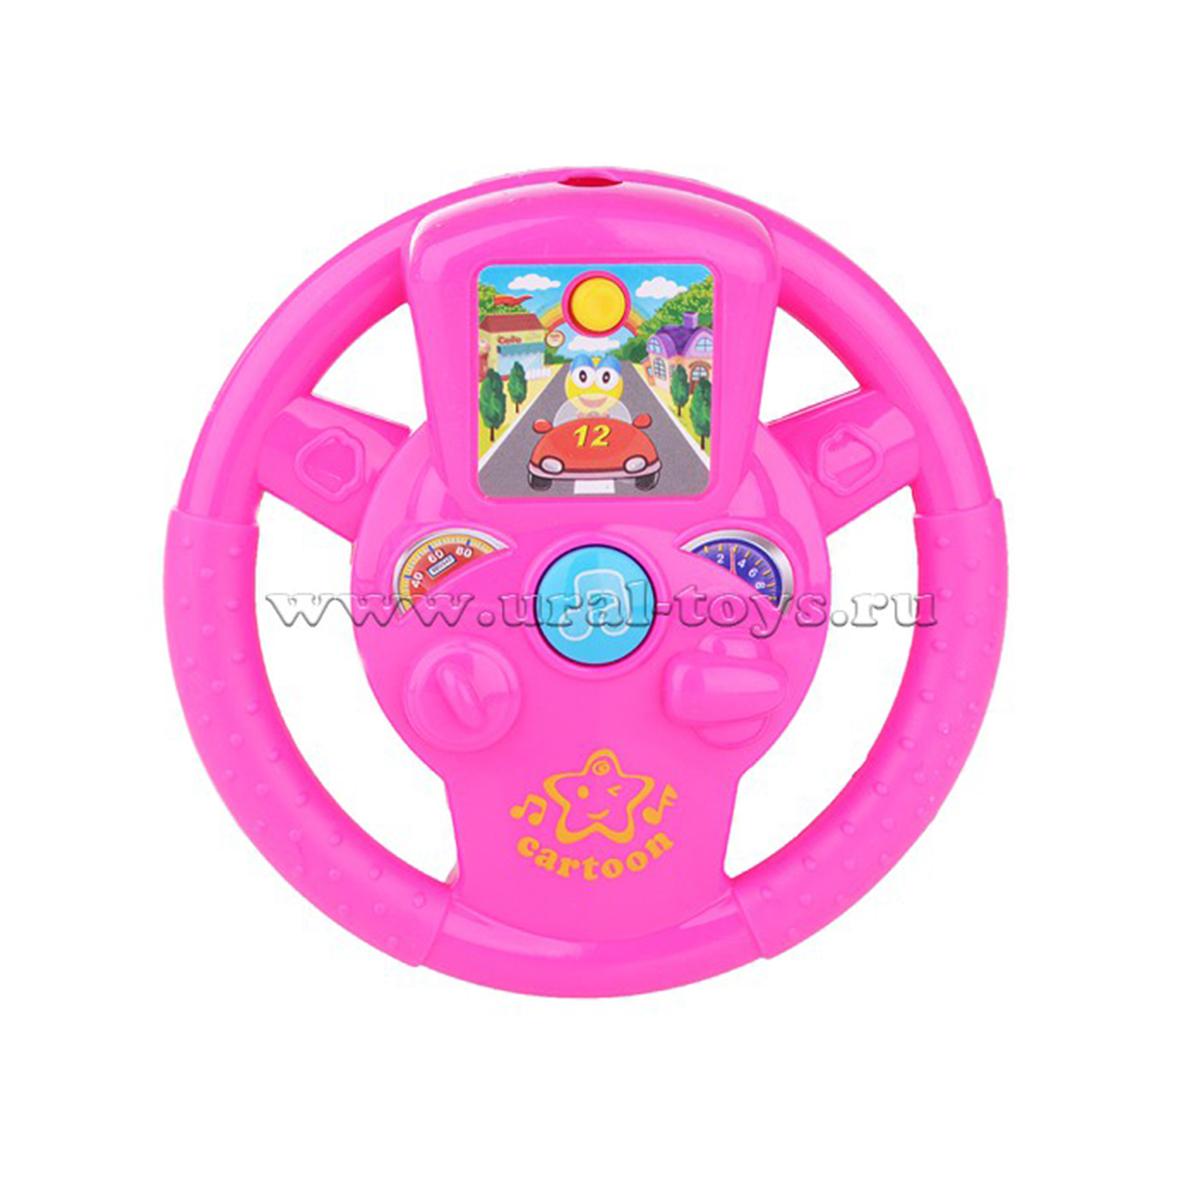 Детский руль со светом и звуком на батарейках 100799122 (50688)